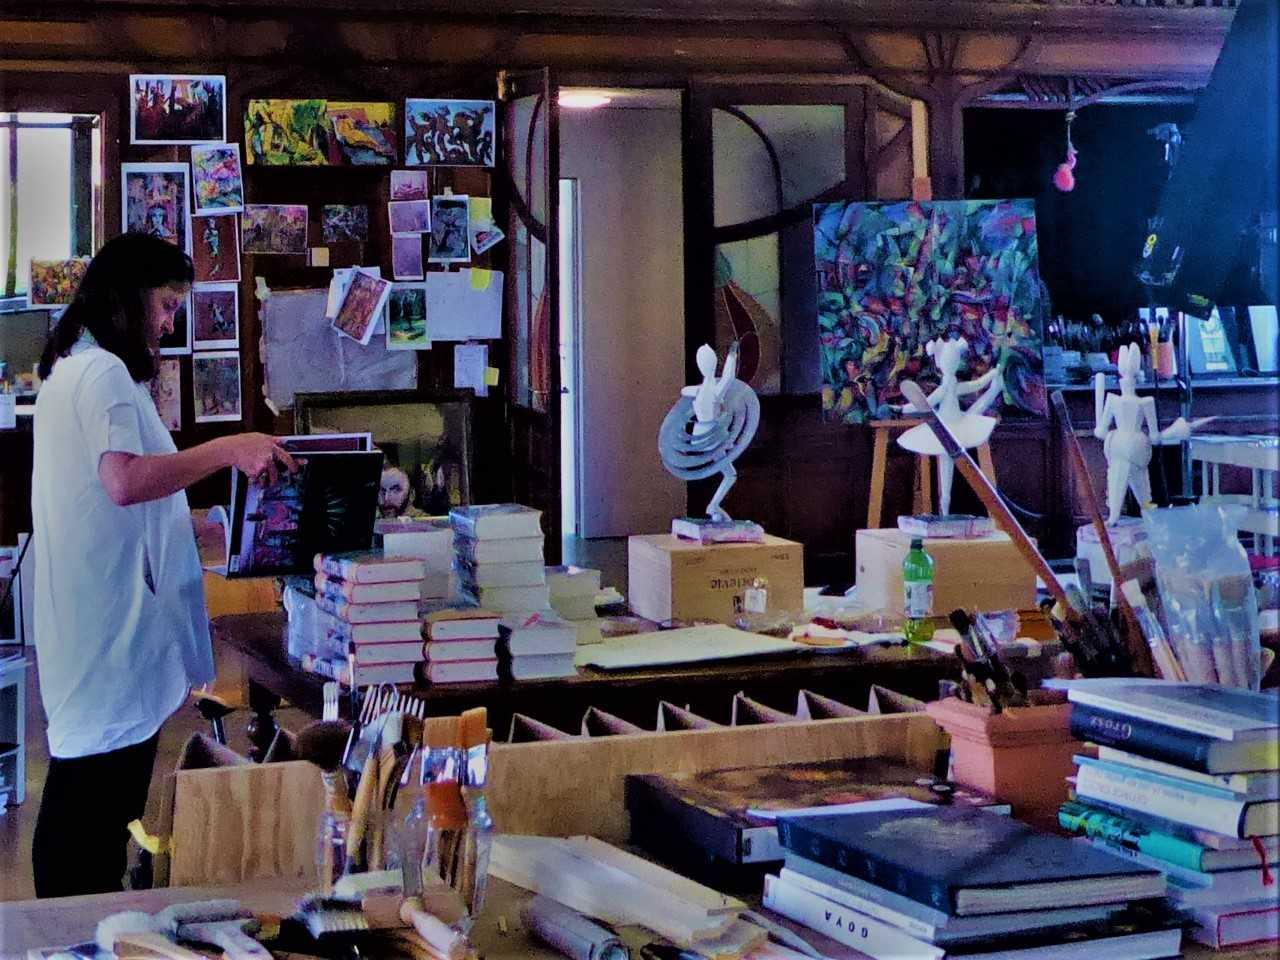 Im Atelier von Beltracchi fühlt man sich zwischen beklemmt und fasziniert.